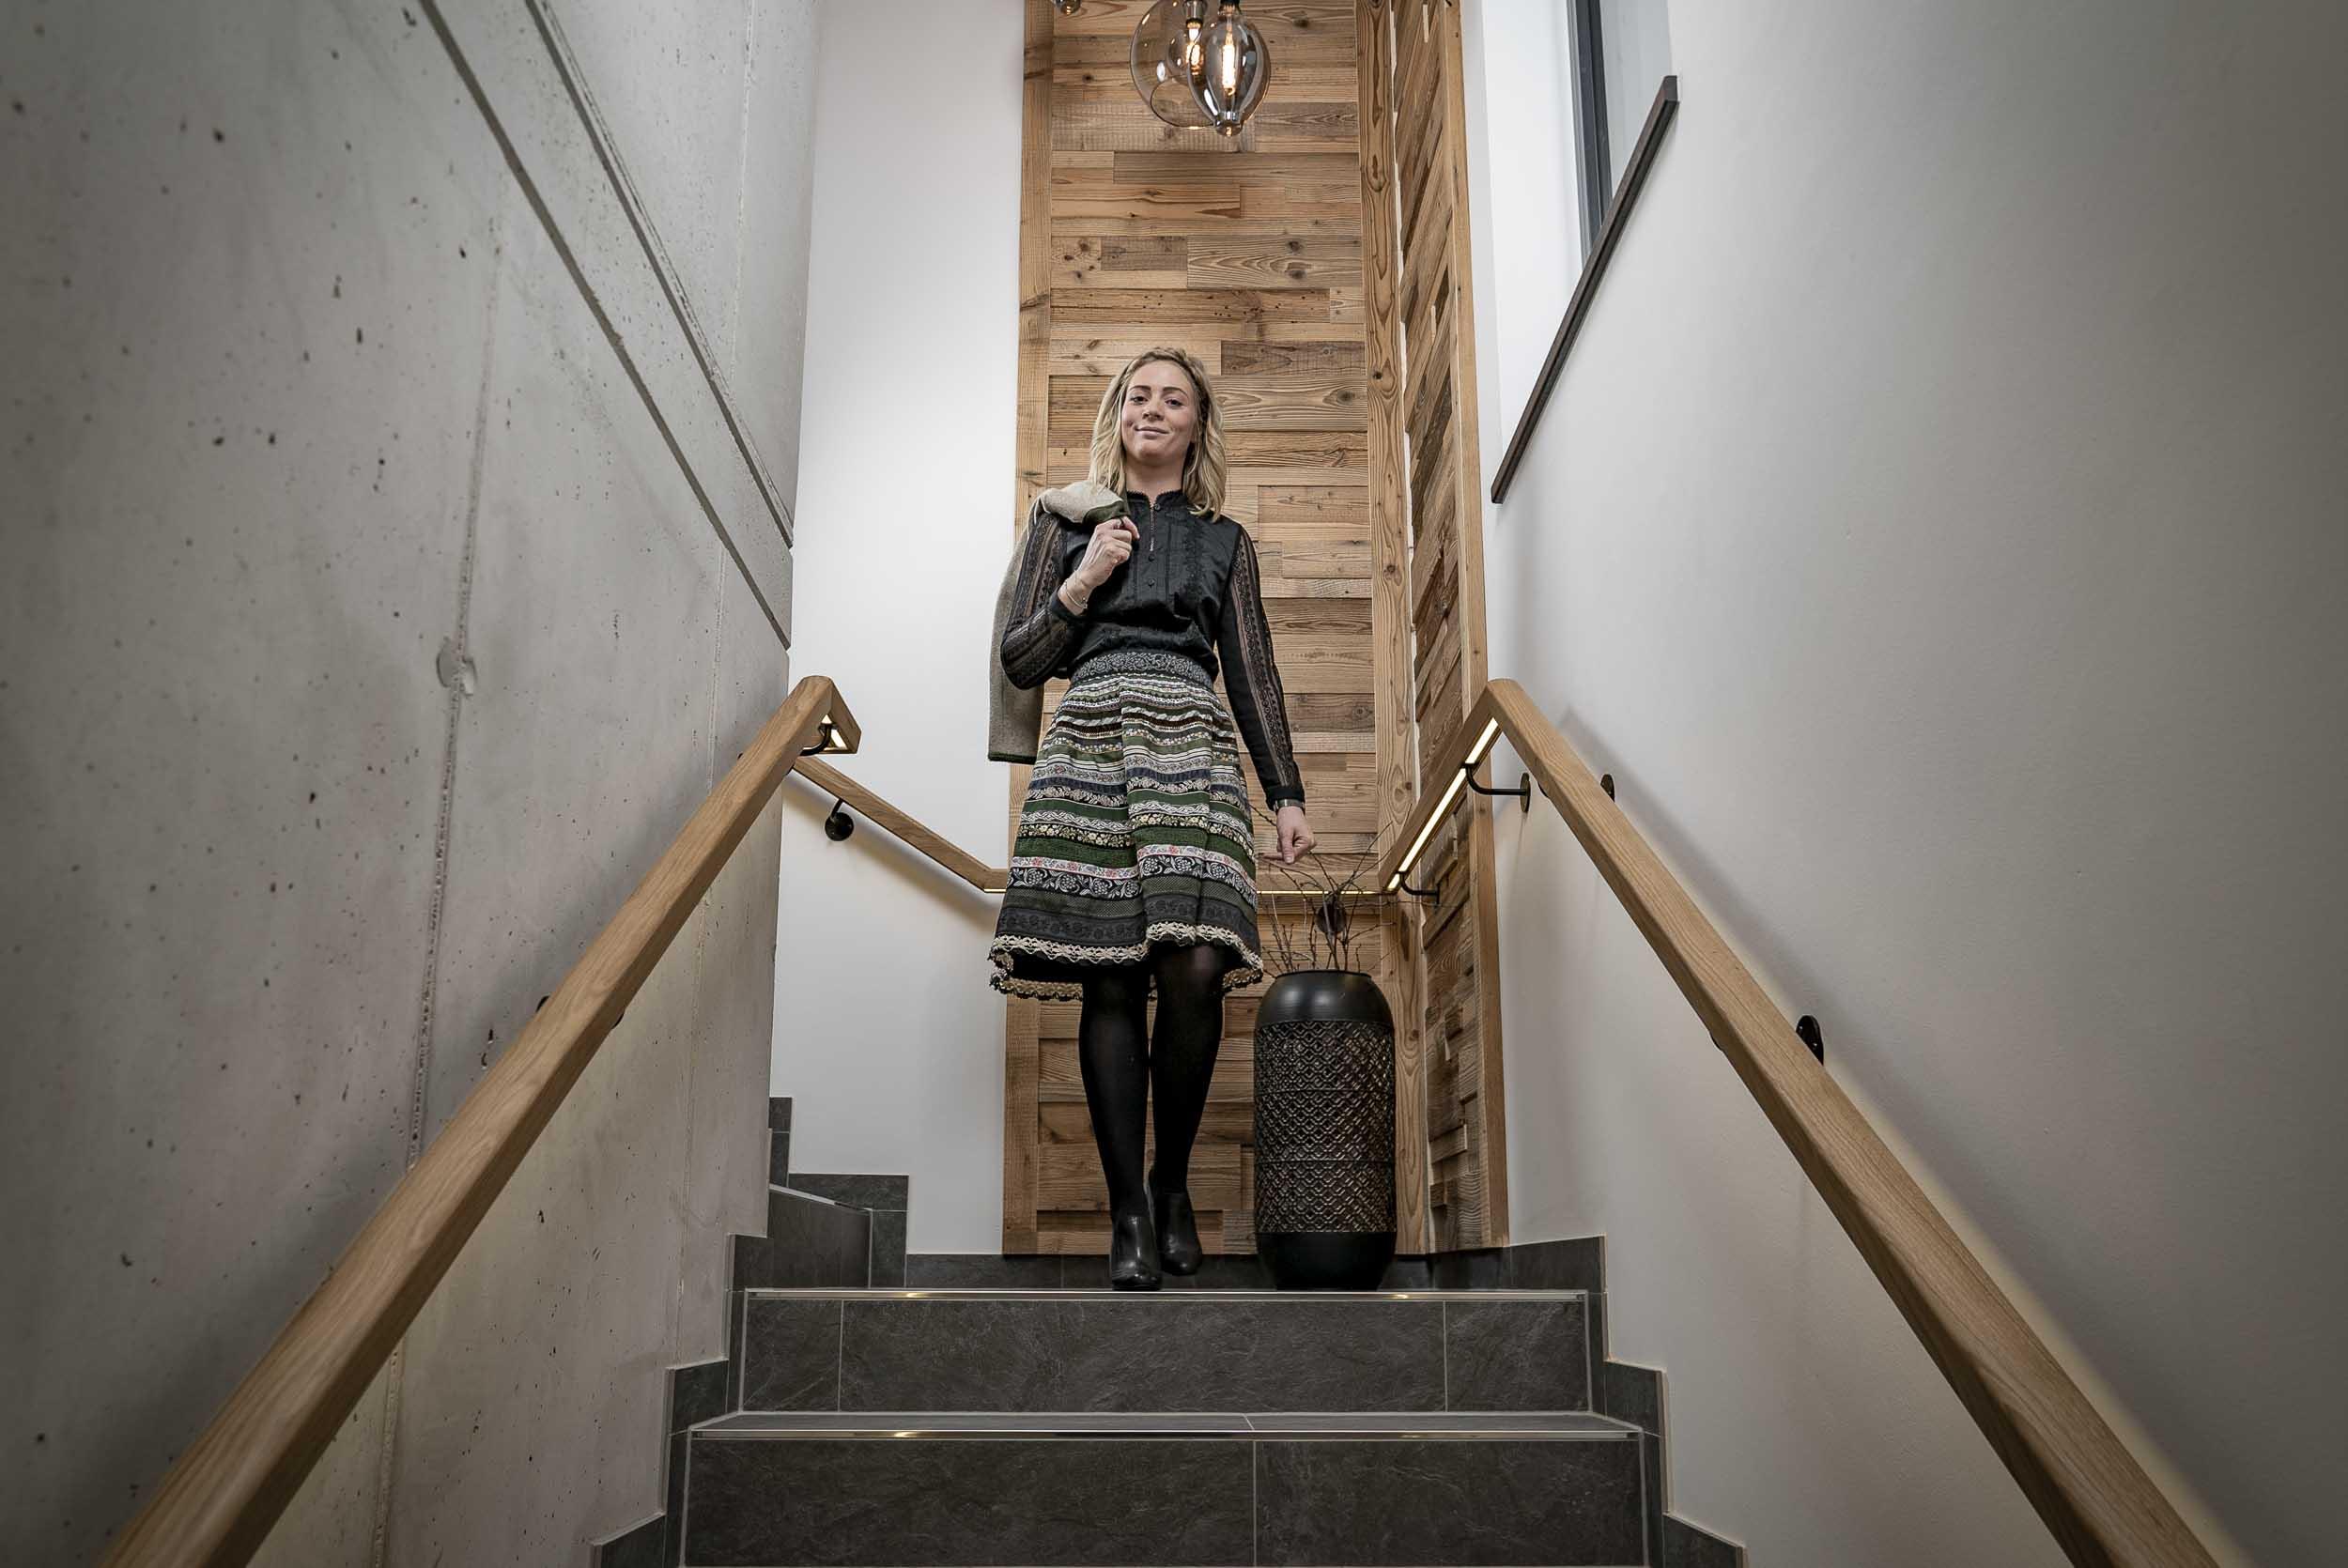 Anna im Stiegenhaus.